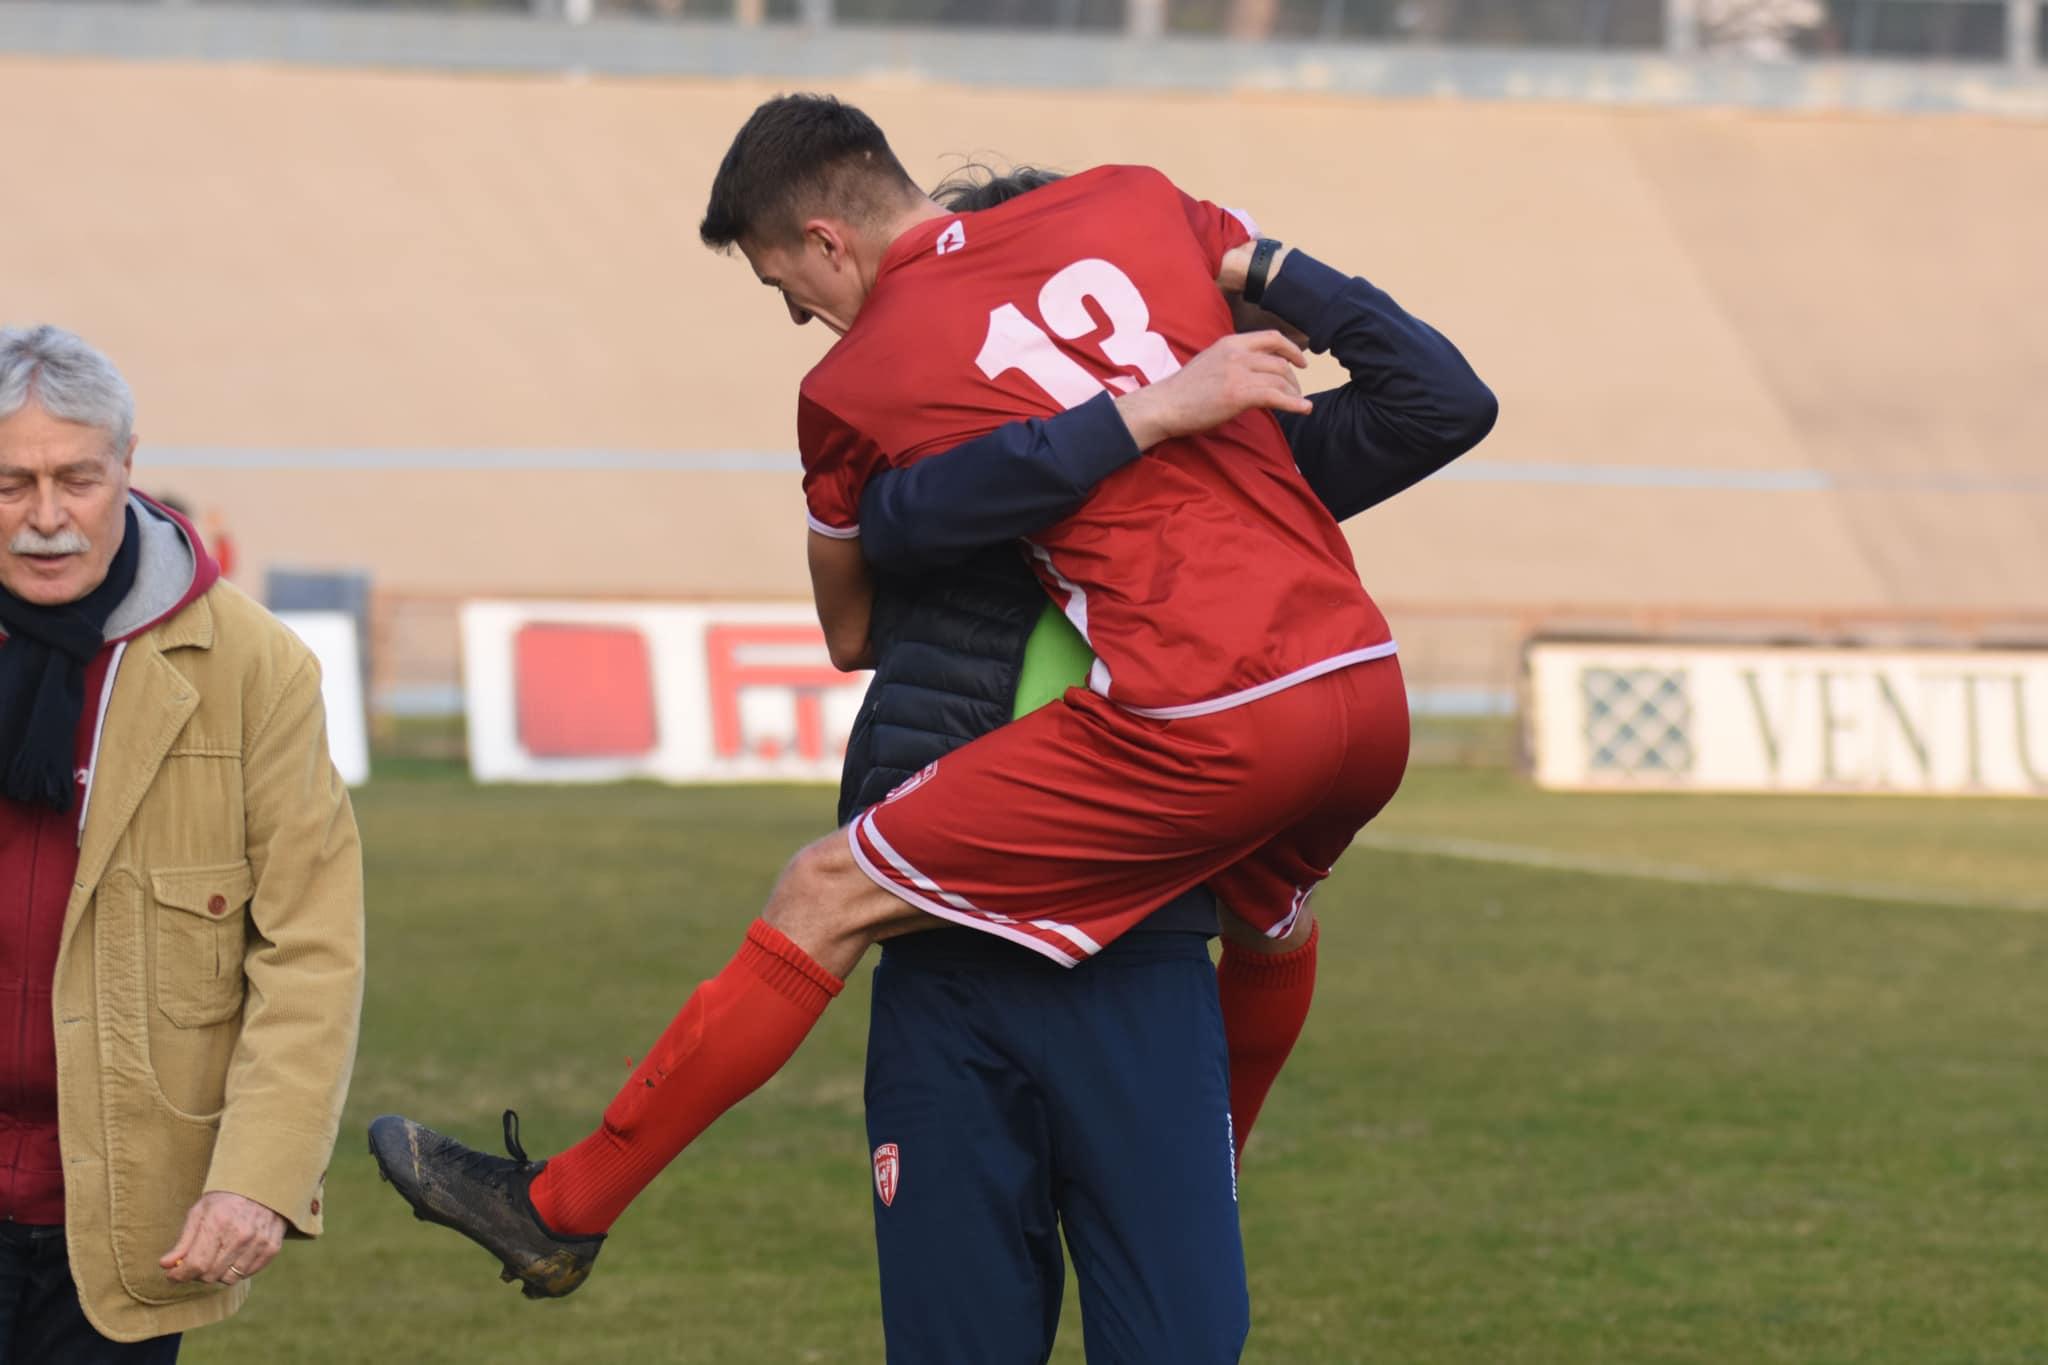 Calcio-Forlì-Gkertsos